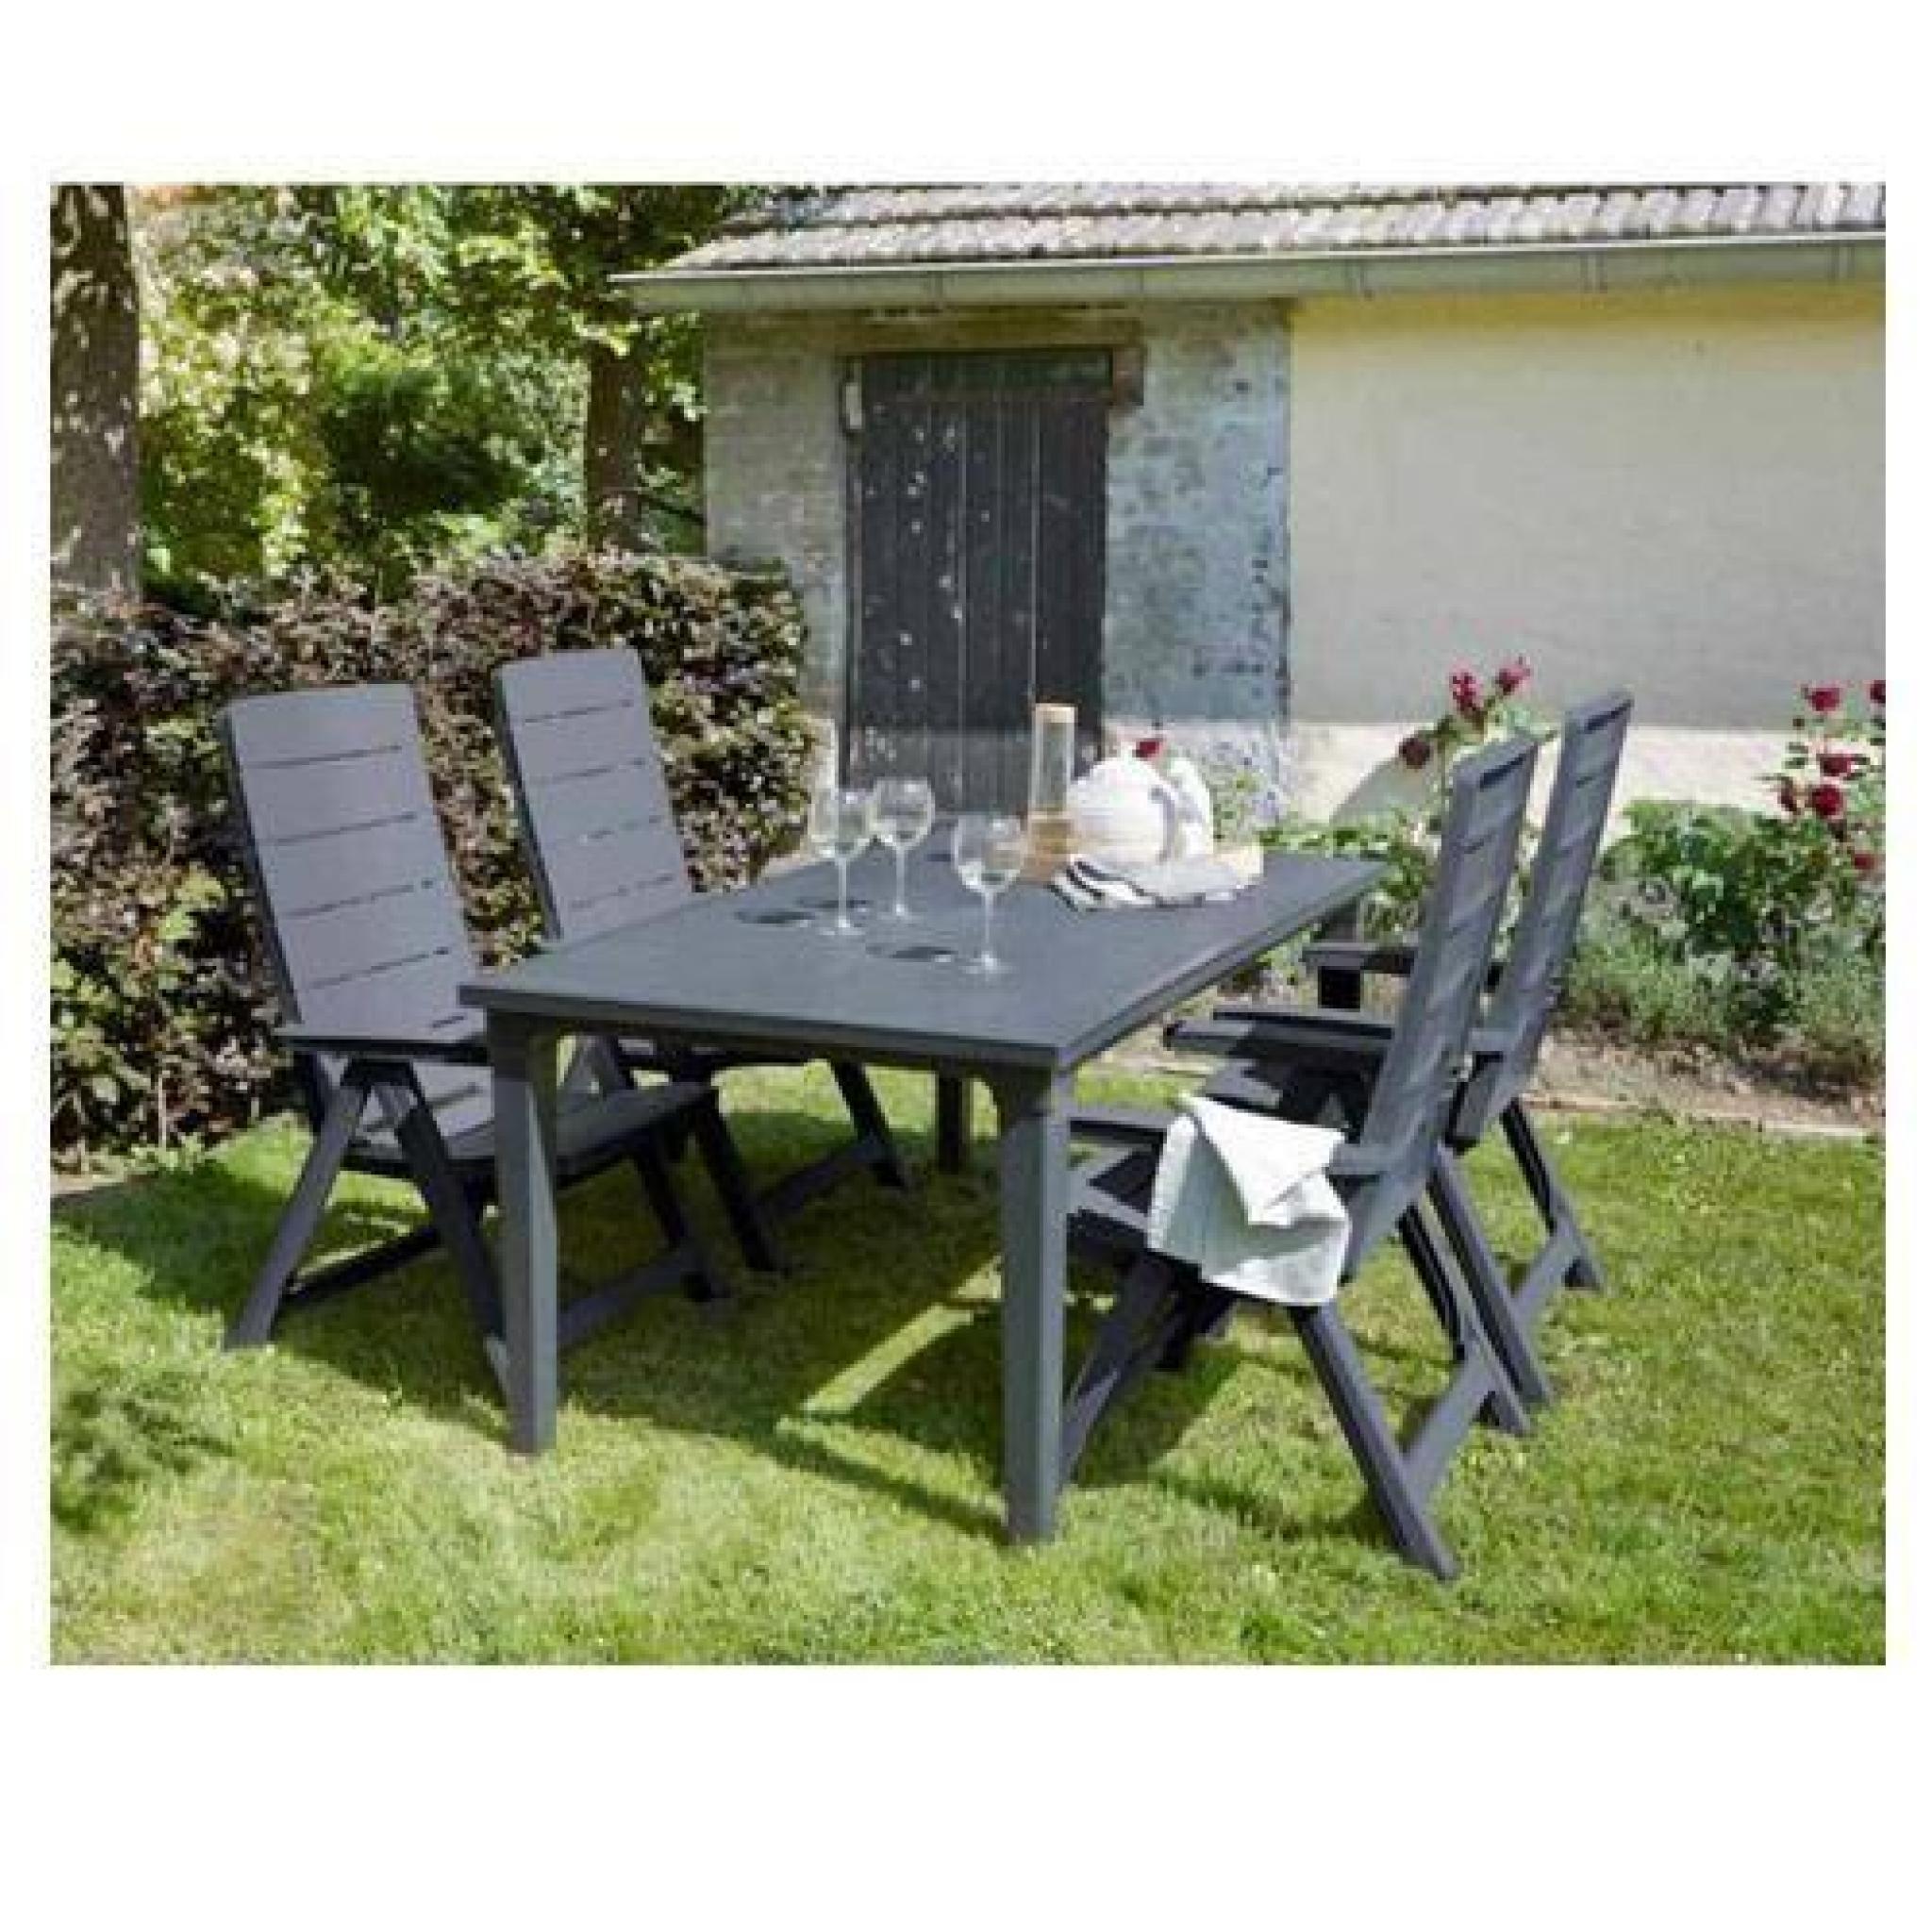 Salon De Jardin: Table Graphite + 4 Fauteuils Graphite encequiconcerne Salon De Jardin En Bois Pas Cher